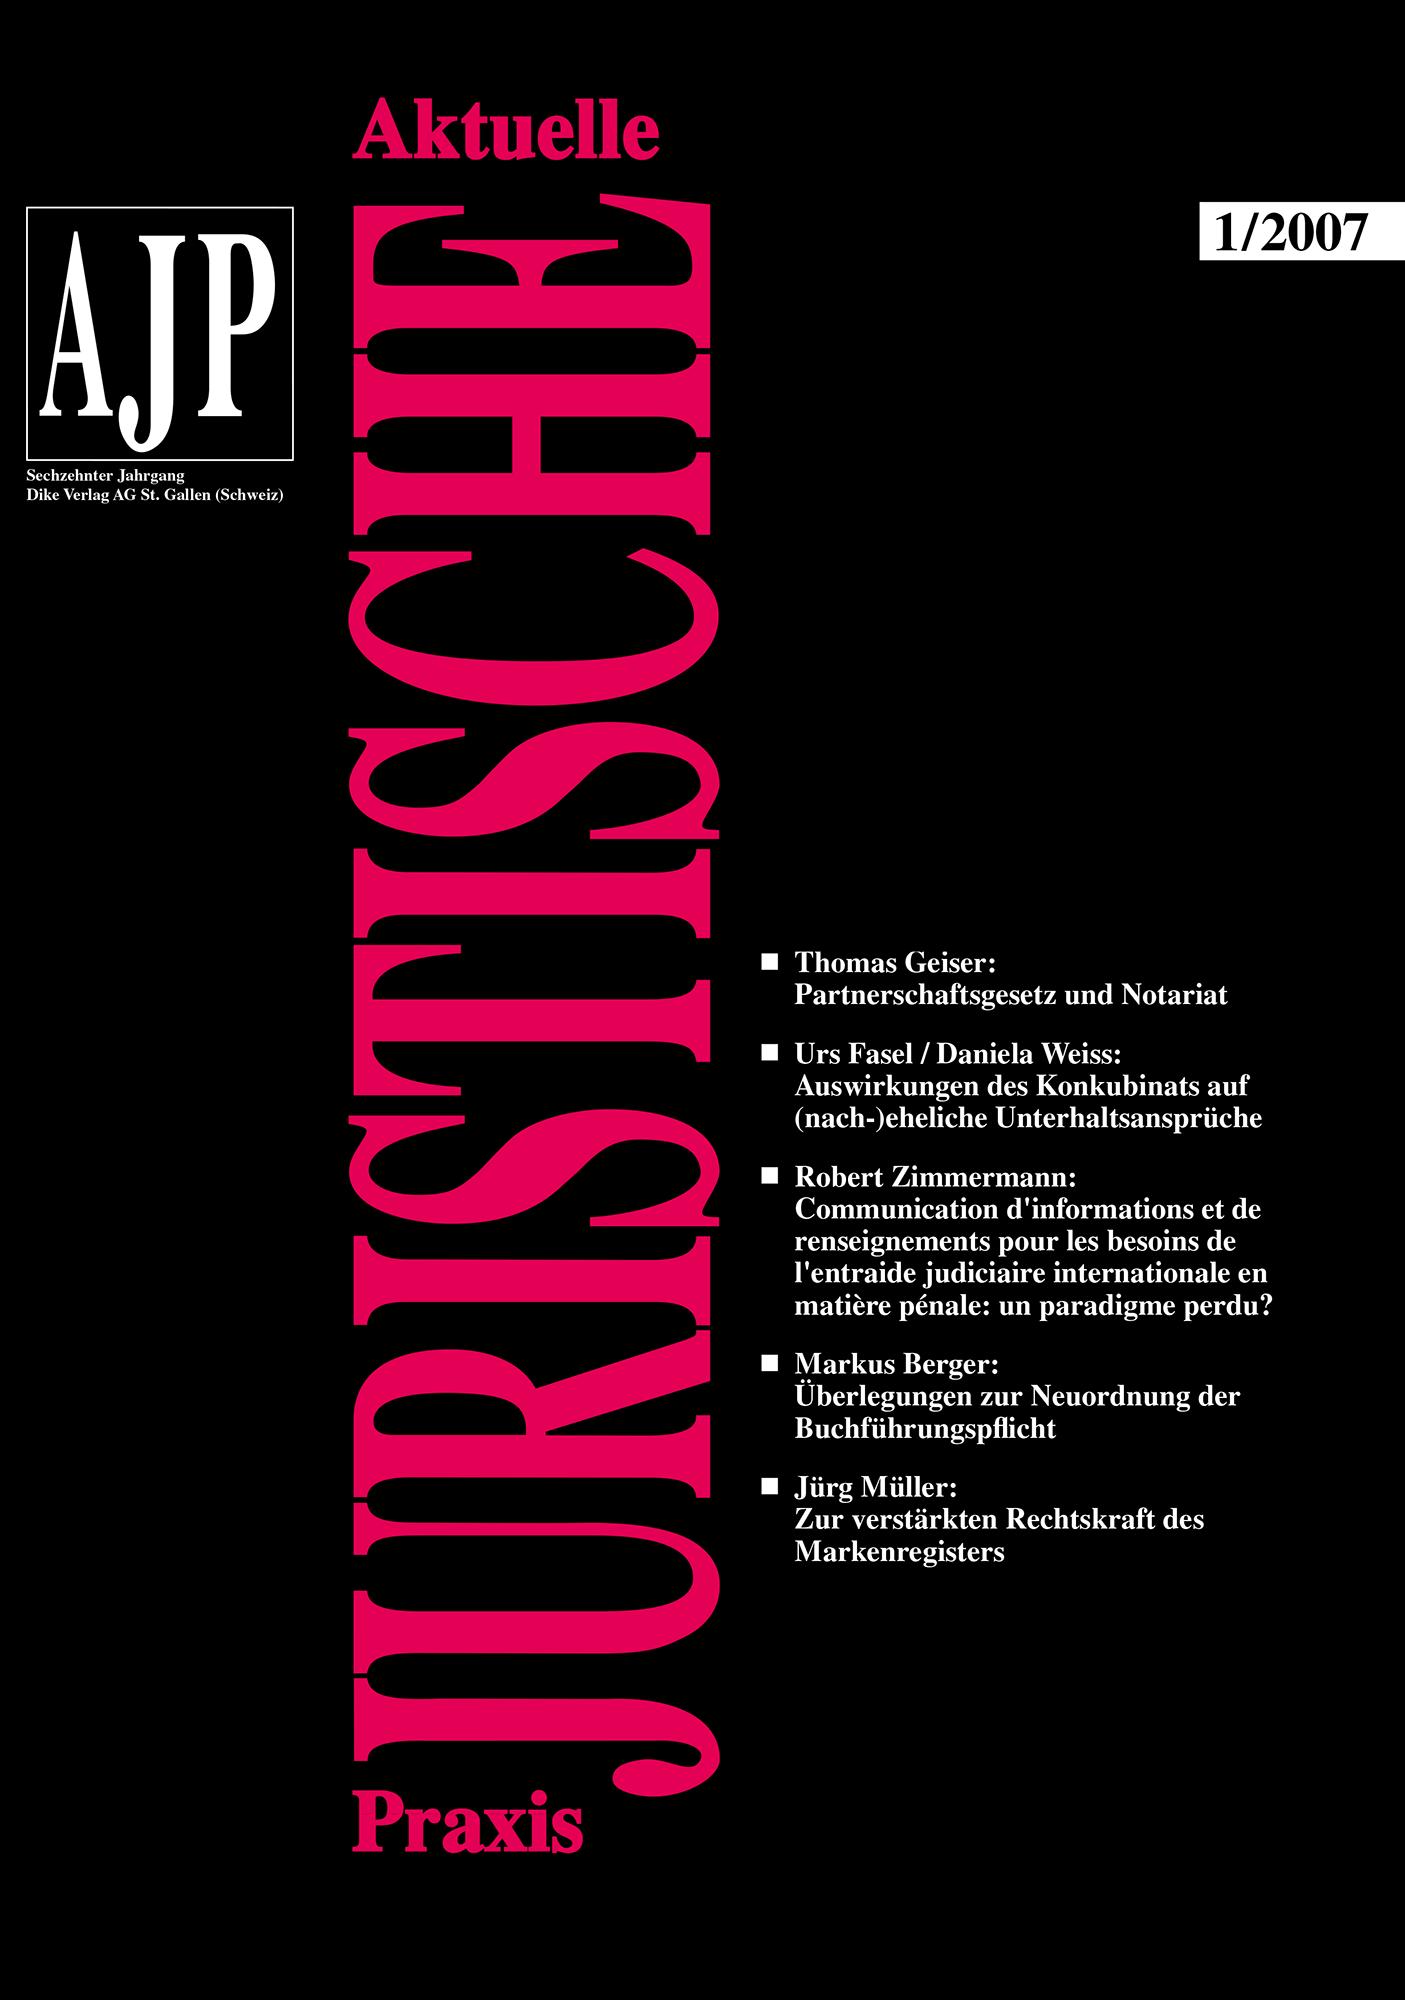 AJP/PJA 01/2007